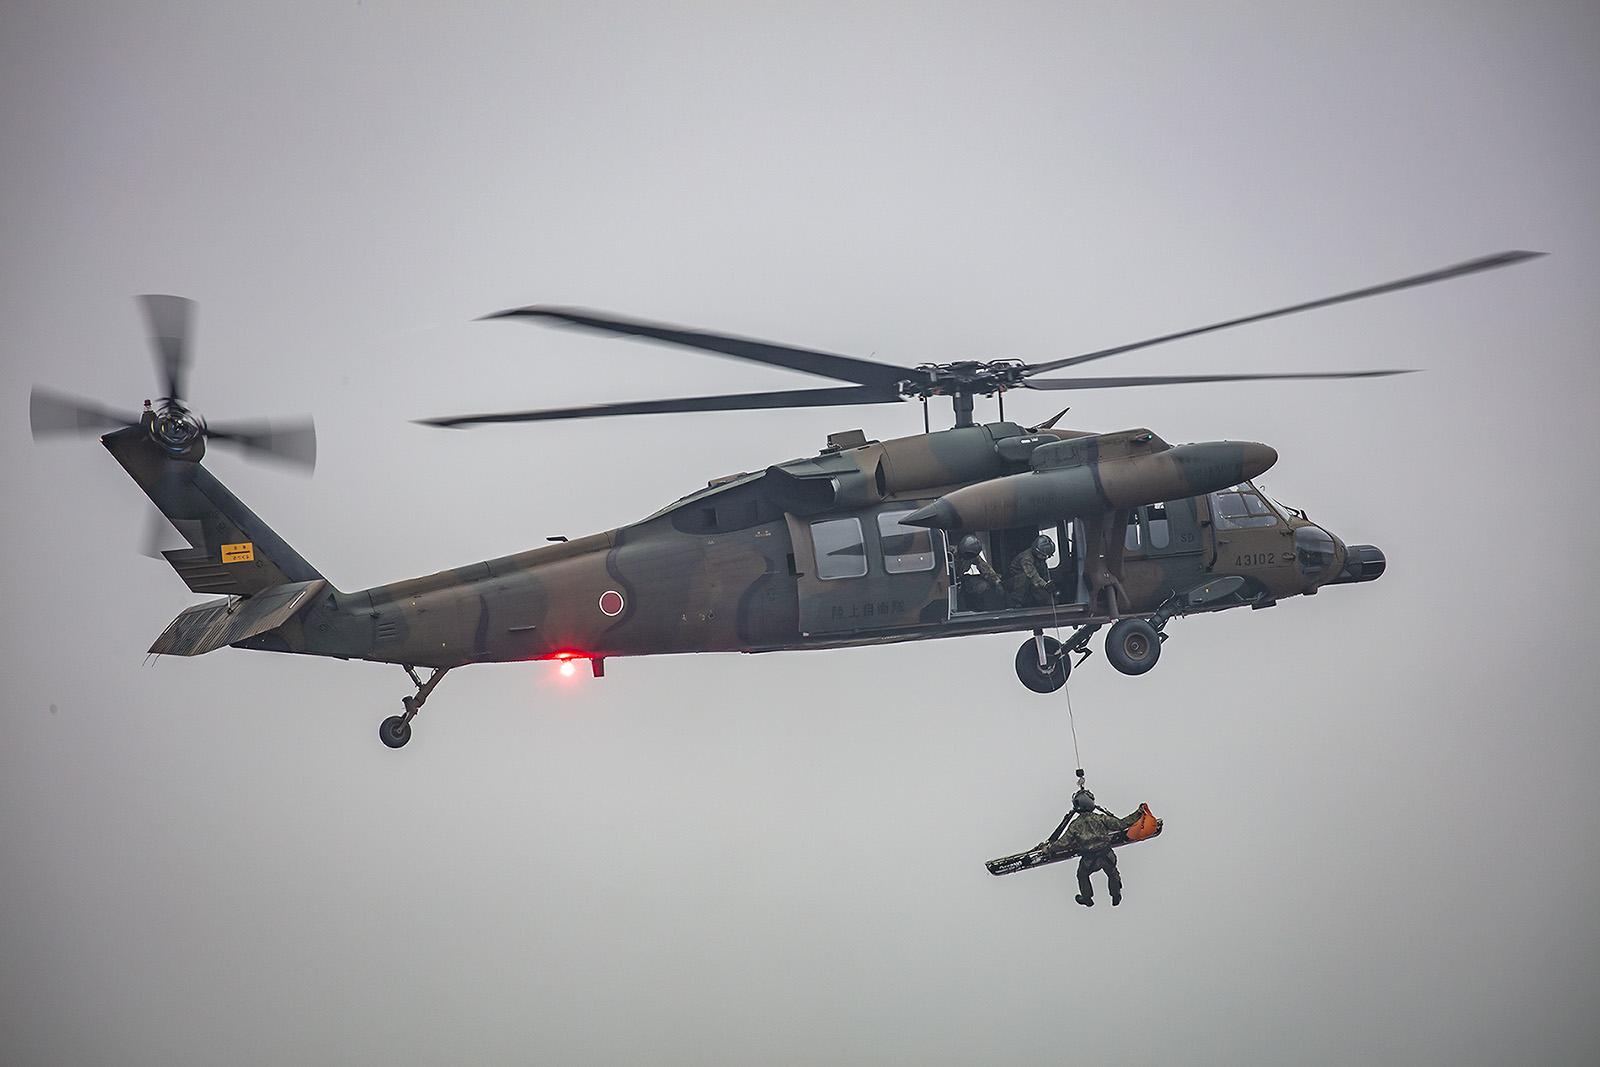 Der Blackhawk wird in Japan als mittlerer Transporthunschrauber und von alle drei Teilstreitkräften als Rettungshubschrauber verwendet.